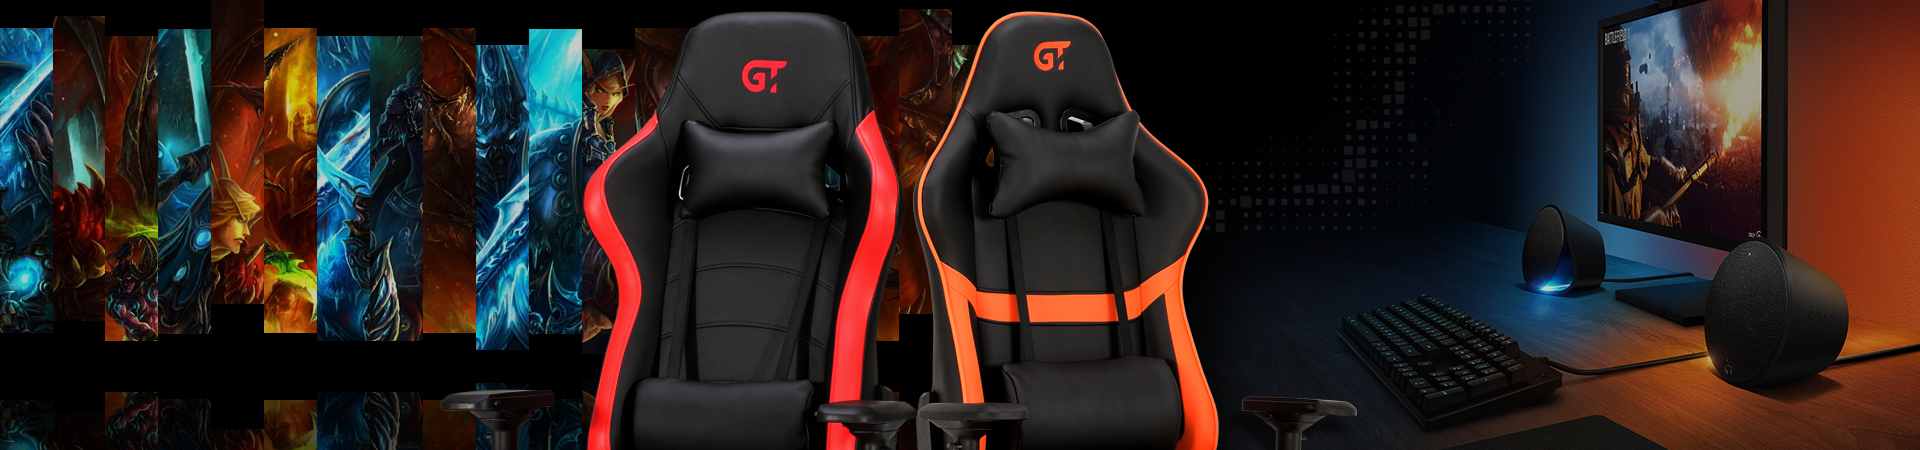 Геймерські крісла Колір Чорний з темно-сірим